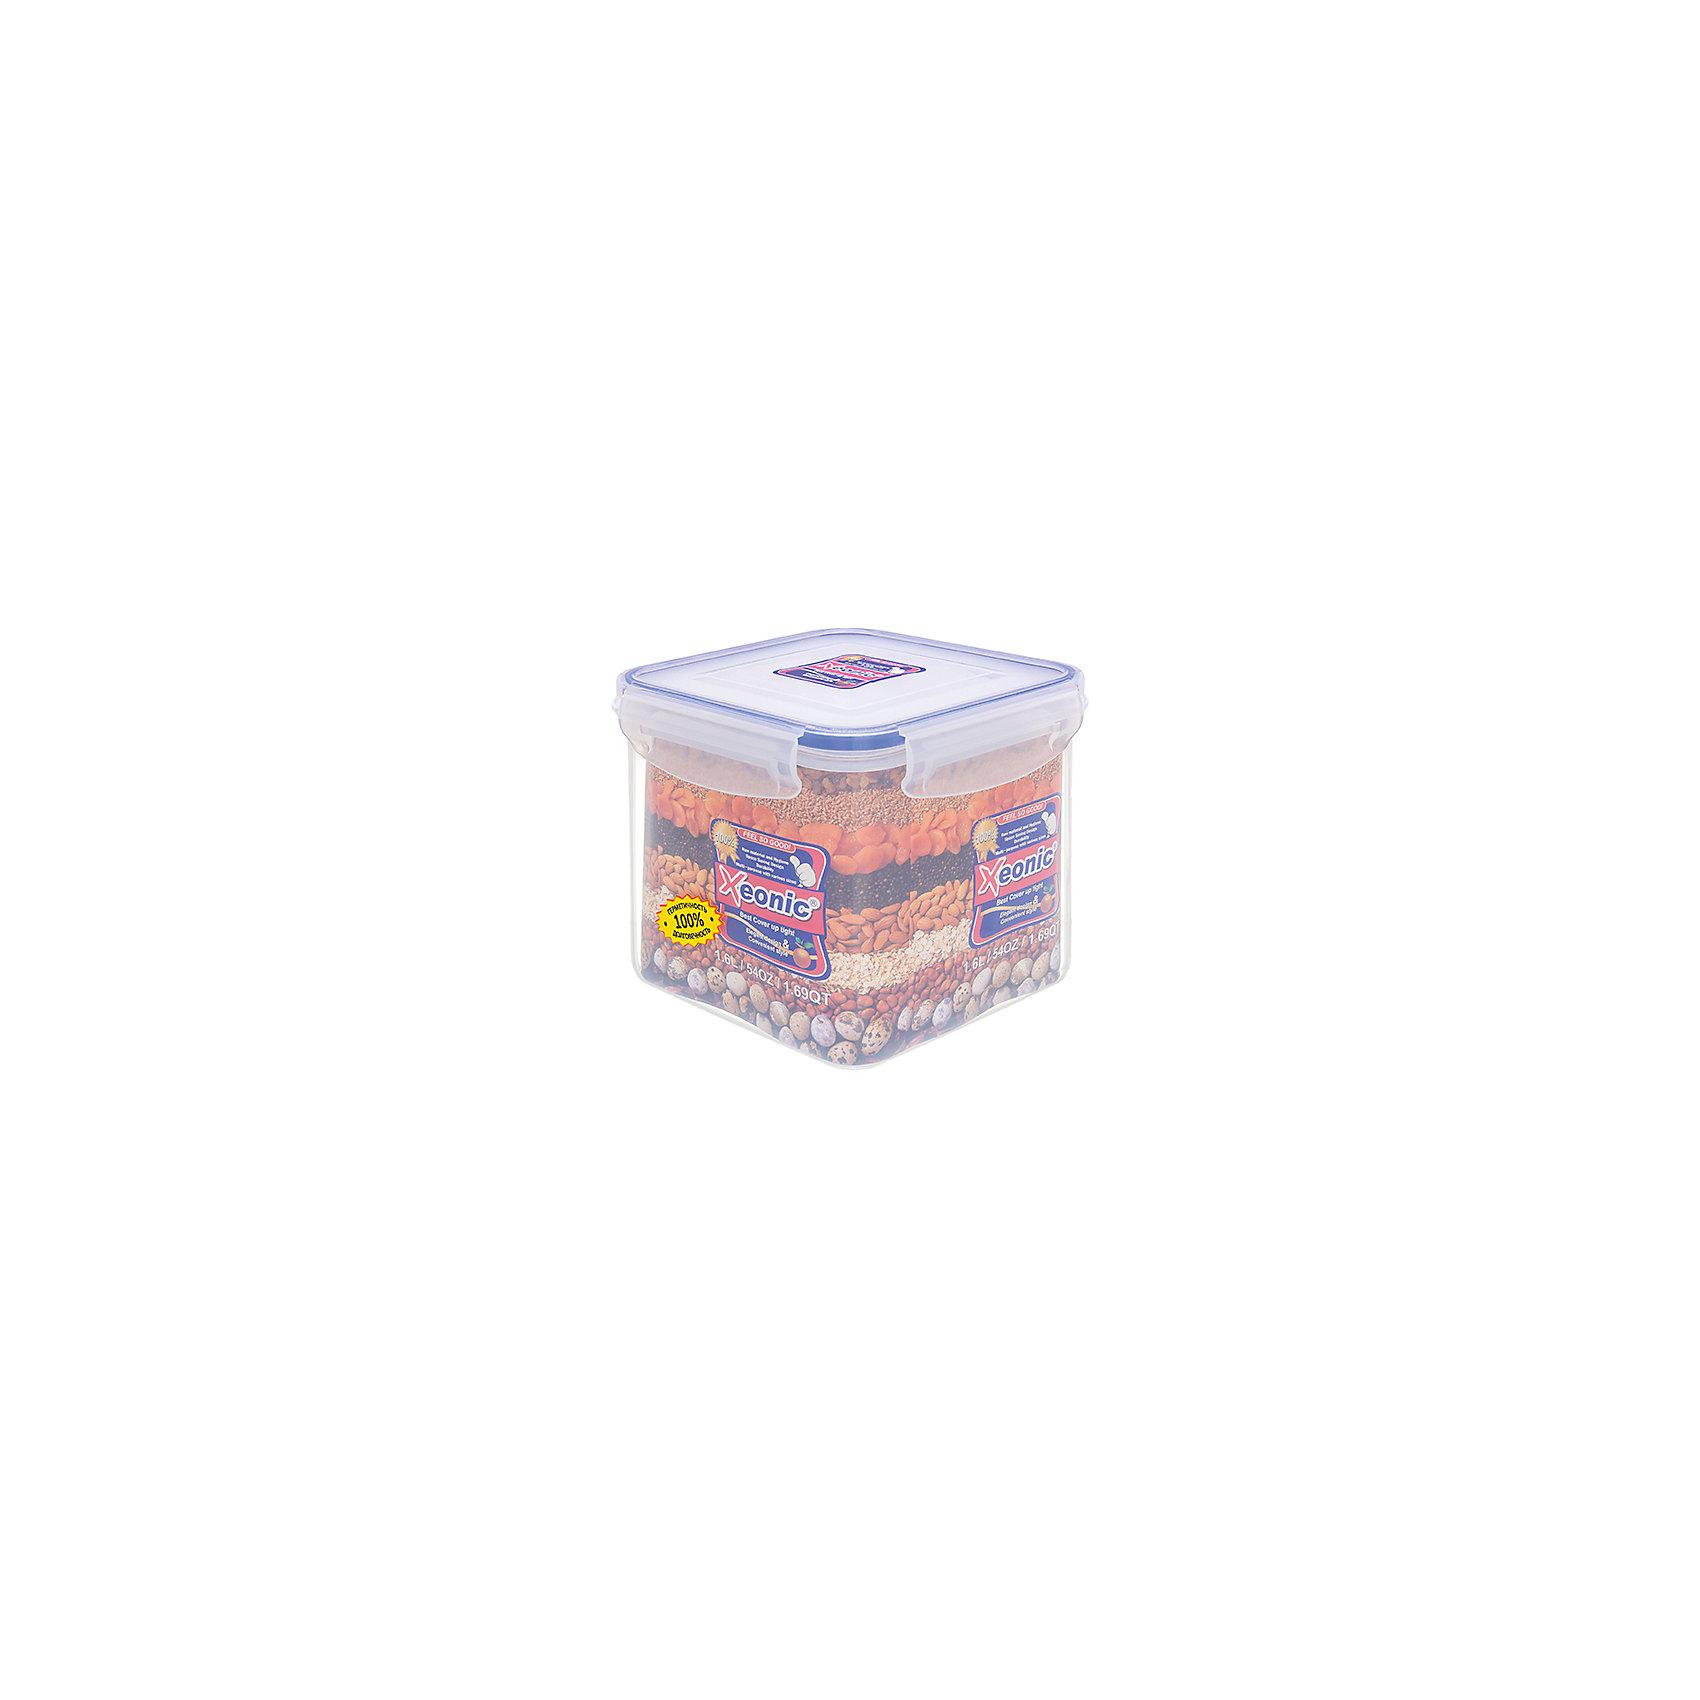 Контейнер квадратный 1,6 л, ХЕ223, Xeonic, синийПосуда<br>Характеристики товара:<br><br>• цвет: прозрачный<br>• материал: силикон, полипропилен<br>• размер: 14,3 х 12,5 см<br>• вес: 240 г<br>• объем: 1,6 л<br>• 100% герметичность<br>• для микроволновой печи и в морозильной камеры<br>• устойчив к воздействию масел и жиров<br>• не впитывают запах<br>• легко открывается и закрывается<br>• долго служит<br>• можно мыть в посудомоечной машине<br>• удобный размер<br>• страна бренда: КНДР<br>• страна производства: КНДР<br><br>Такой контейнер - отличный пример удобной и функциональной вещи для дома. Он отлично проработан, благодаря продуманному дизайну занимает мало места, при этом достаточно вместительный.<br><br>Контейнер может стать отличным приобретением для дома или подарком для любителей качественных и практичных вещей.<br><br>Бренд Xeonic делает для российских покупателей доступными предметы, созданные с применением последних технологий. Продукция производится из безопасных материалов. Оцените отличное соотношение цены и качества! <br><br>Контейнер квадратный 1,6 л, ХЕ223, Xeonic, синий, можно купить в нашем интернет-магазине.<br><br>Ширина мм: 143<br>Глубина мм: 143<br>Высота мм: 125<br>Вес г: 241<br>Возраст от месяцев: 0<br>Возраст до месяцев: 1188<br>Пол: Унисекс<br>Возраст: Детский<br>SKU: 6668821